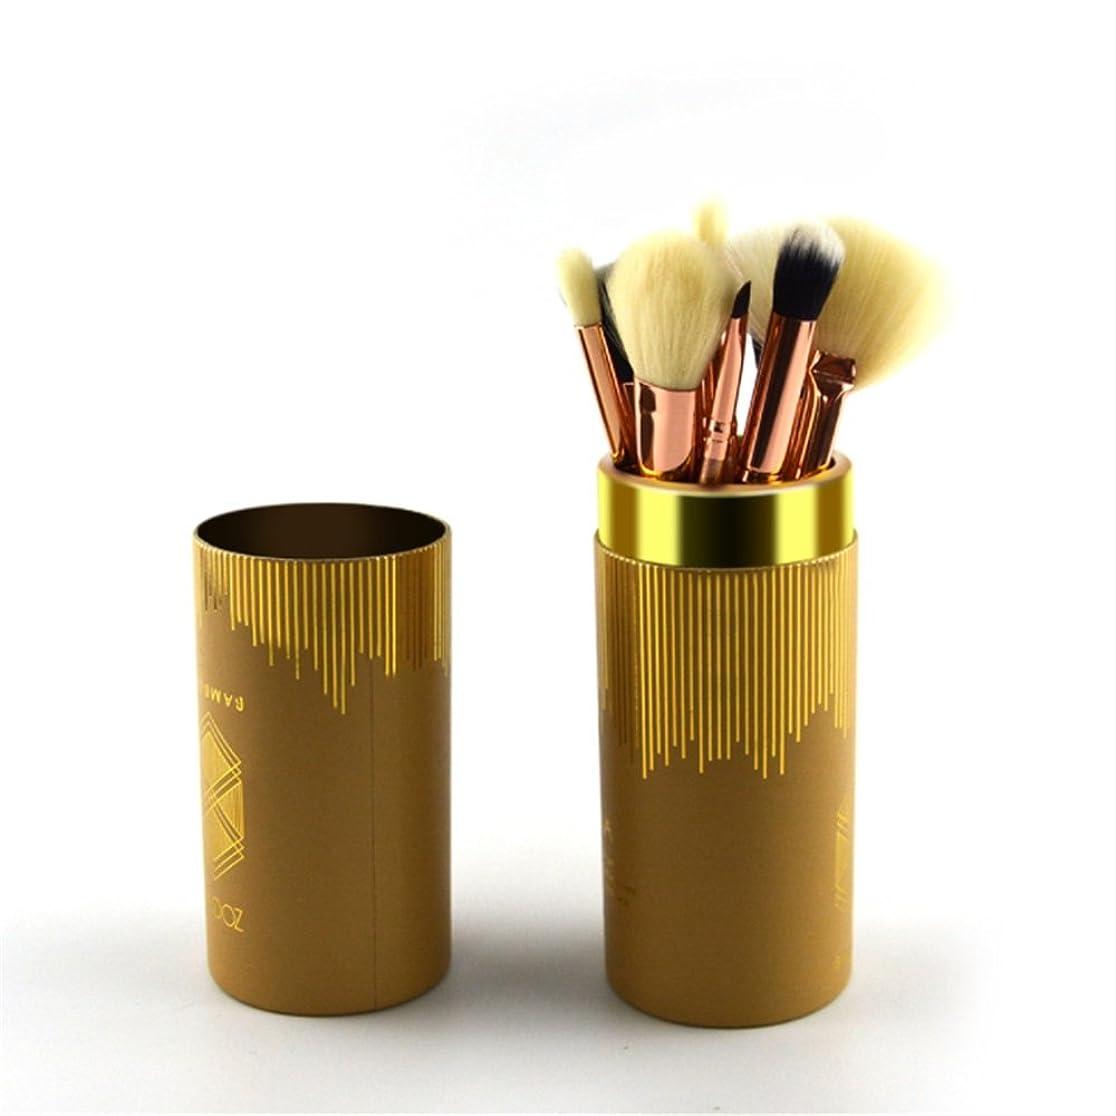 残りメイドそれるPUレザー化粧筆ーチ スタイリッシュなスタイルの化粧ブラシセット8個の顔の化粧ブラシ化粧ブラシセット 柔らかくまた滑らかで (色 : 赤)